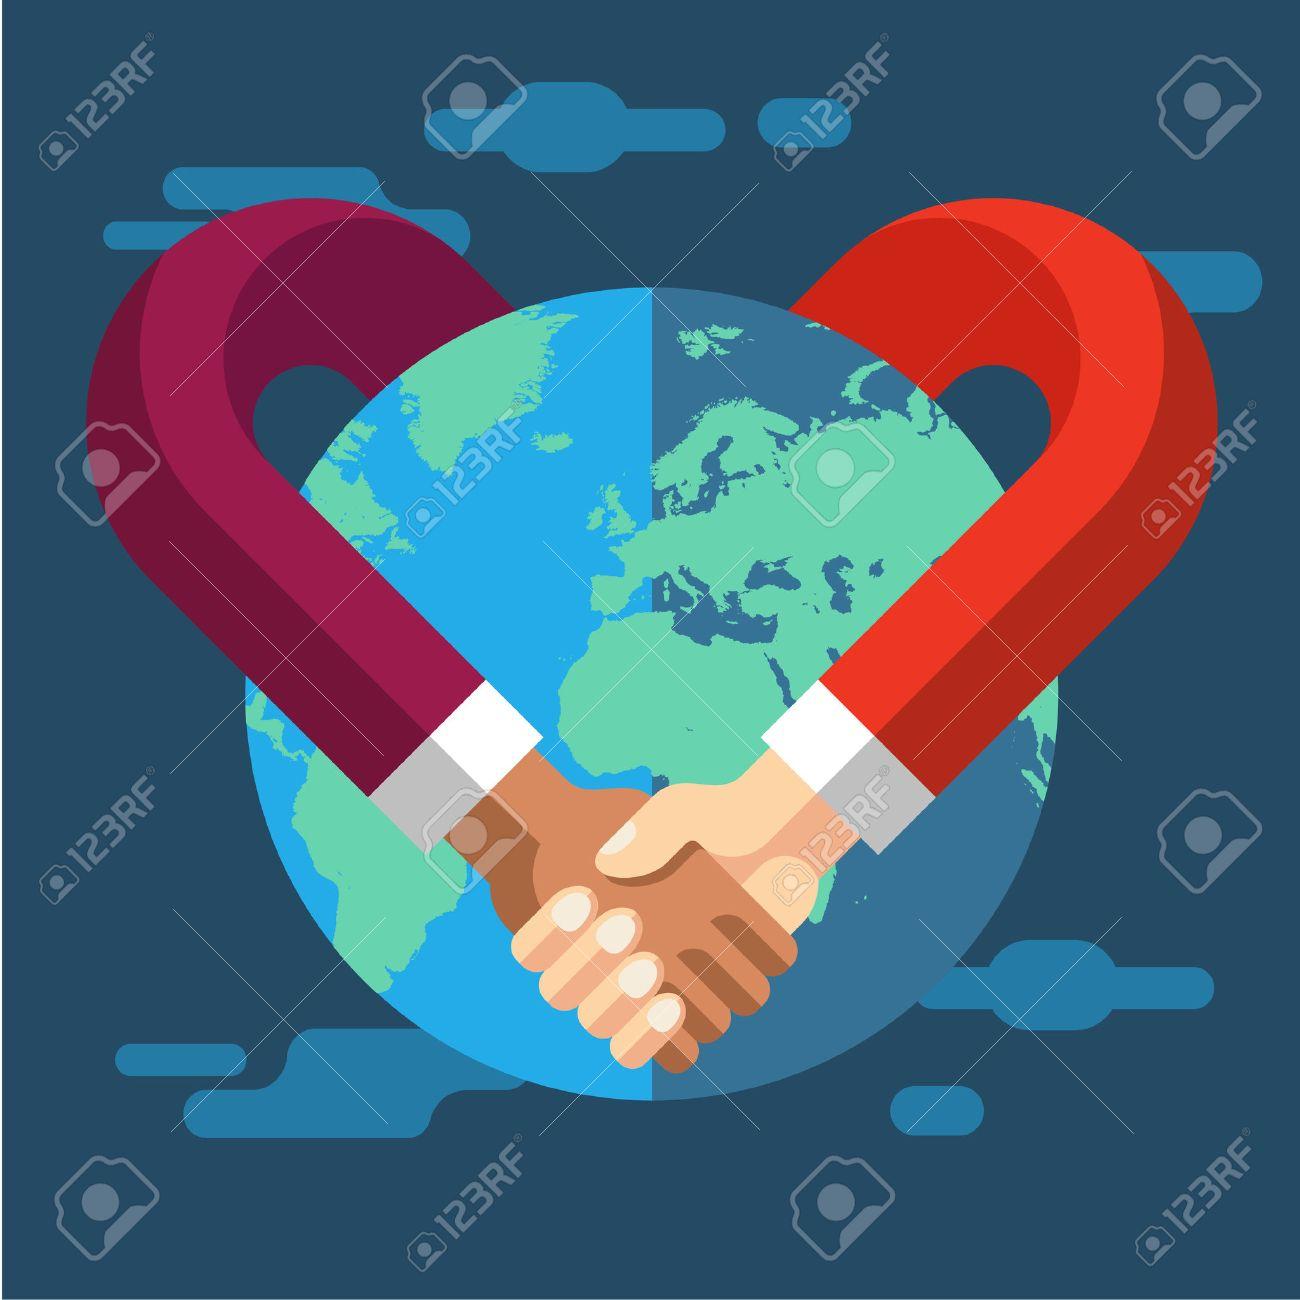 International Partnership. Vector flat illustration - 46350717